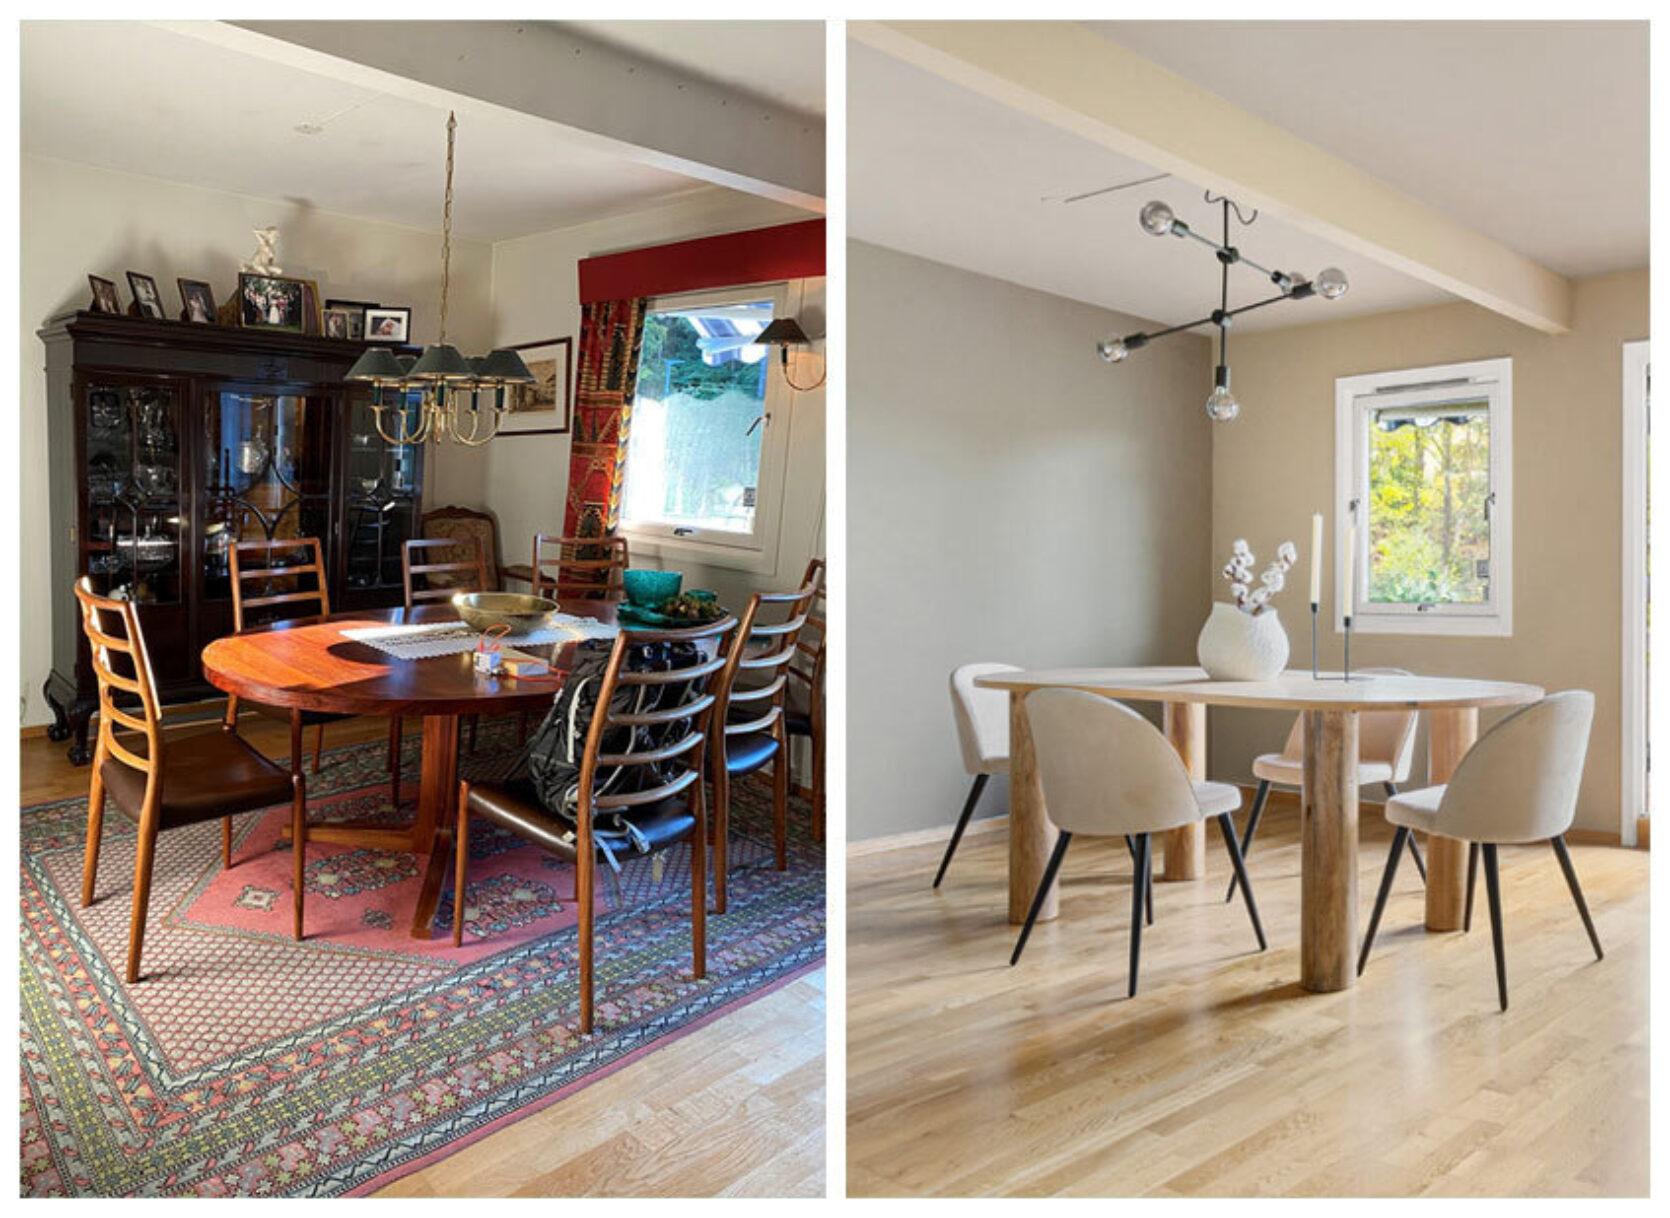 Før og etter: En gammeldags stue blir fort moderne med rett grep